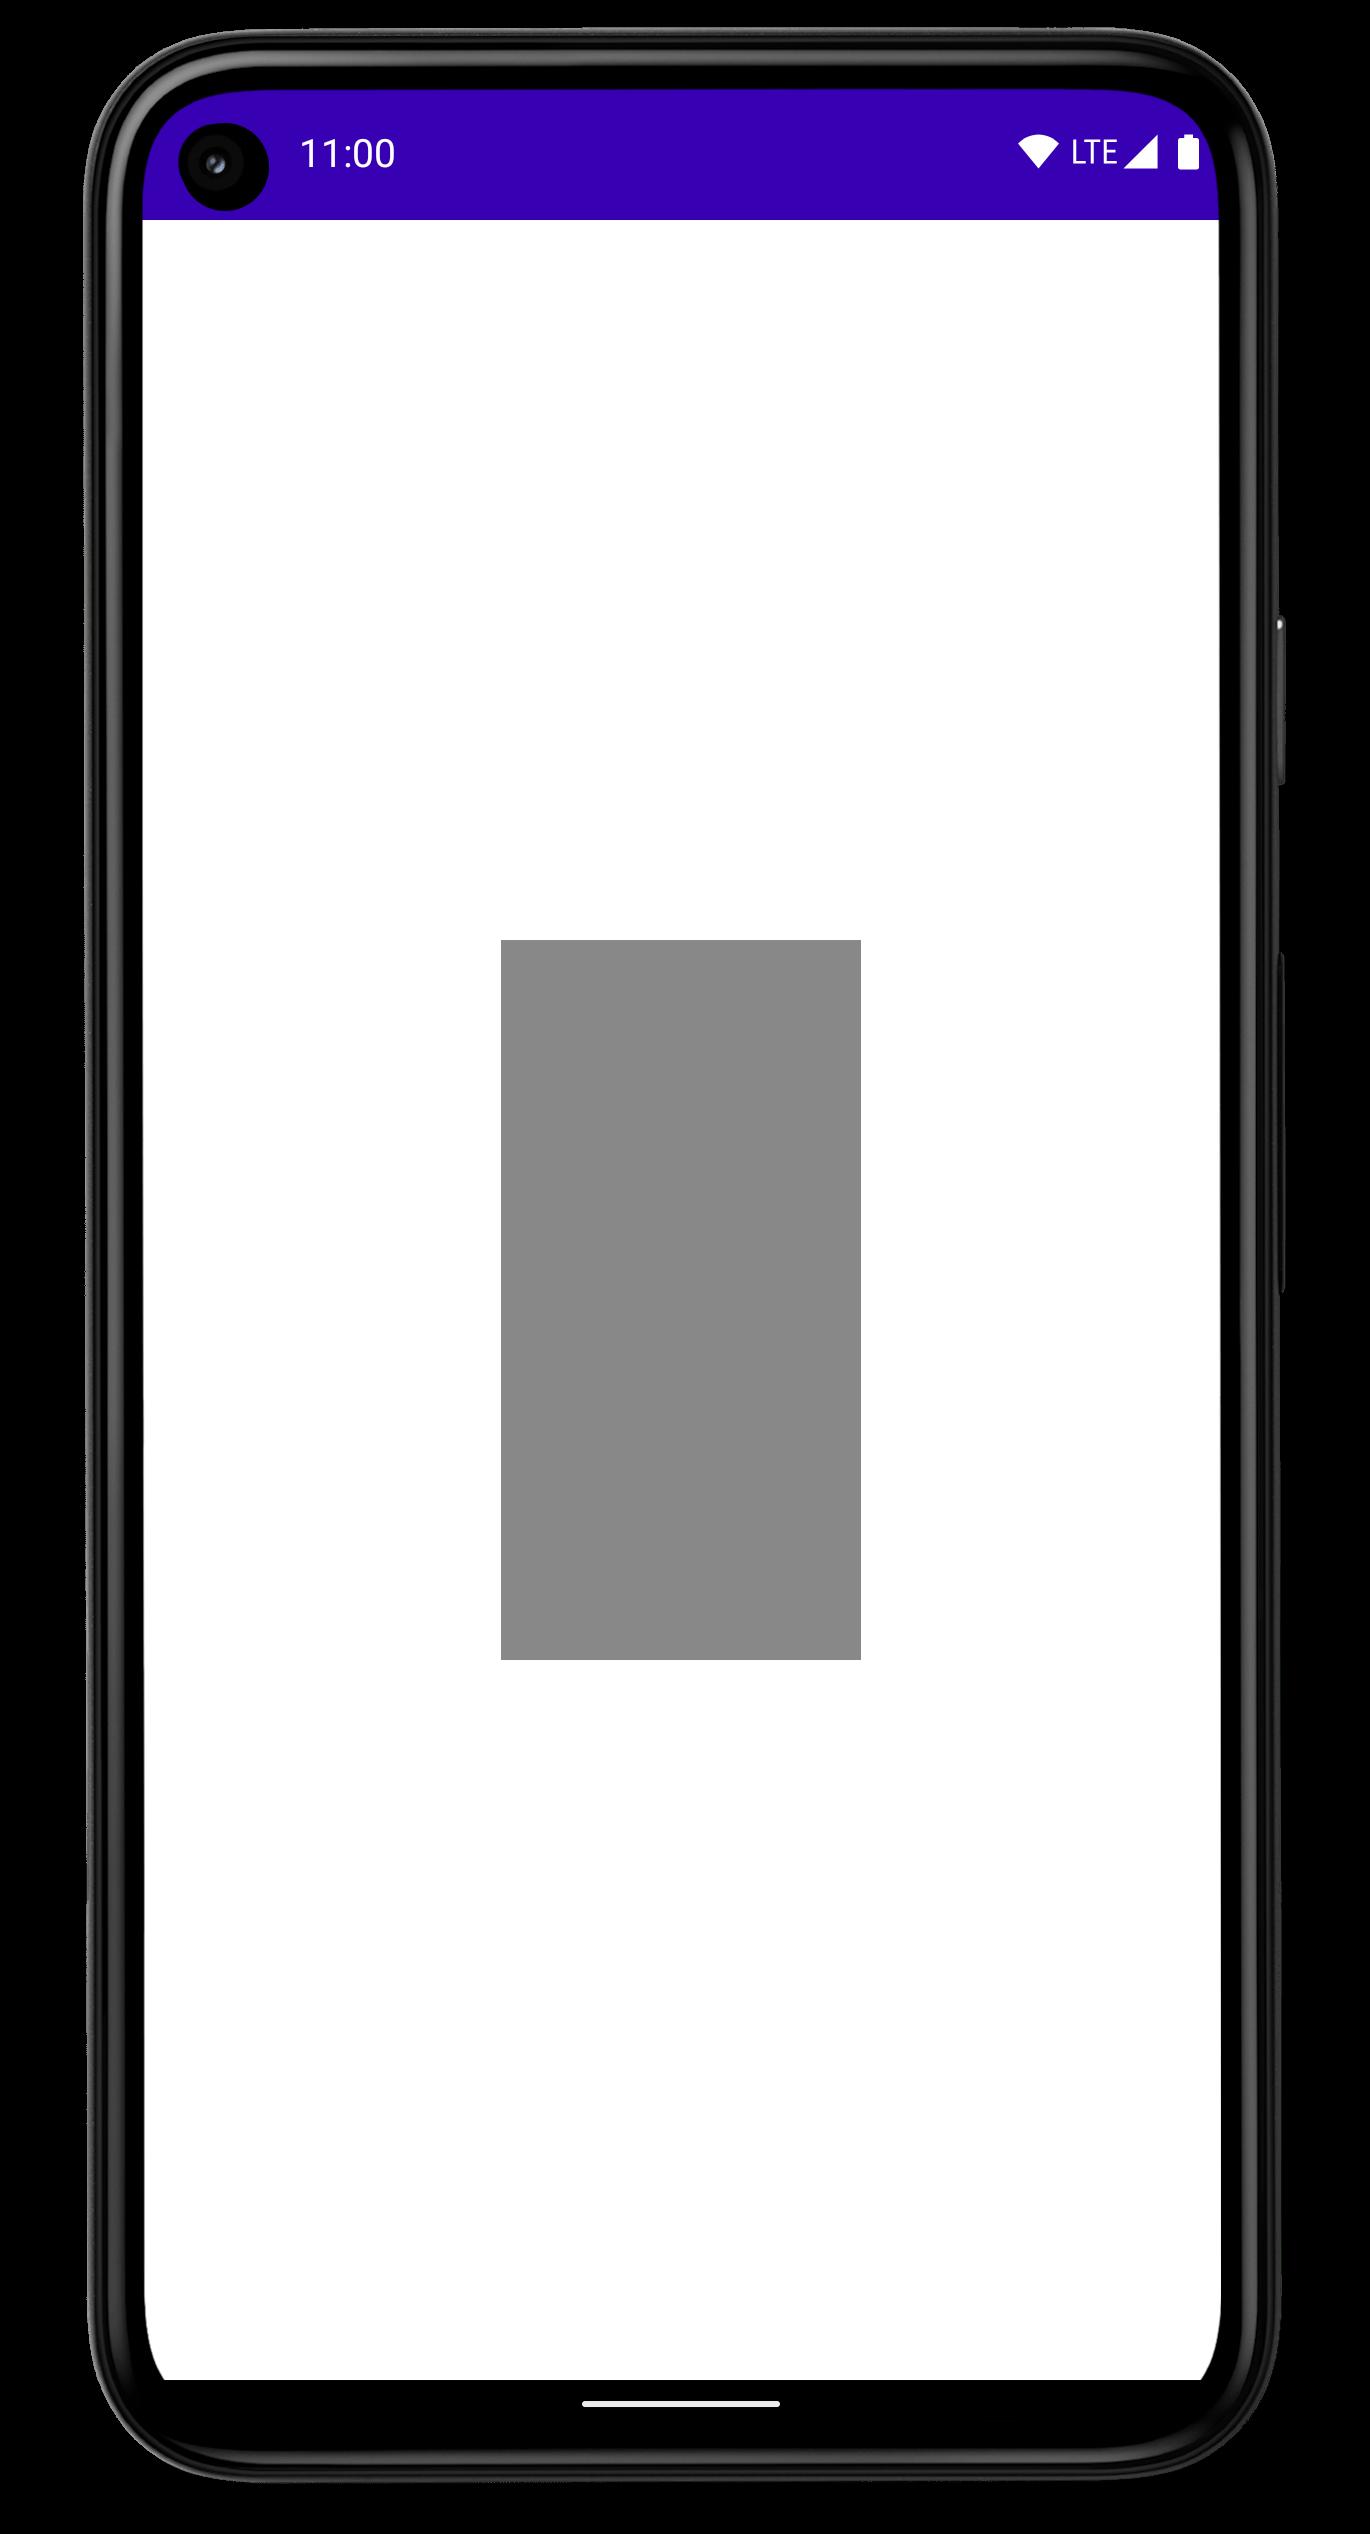 화면 중앙에 채워진 직사각형이 있는 휴대전화